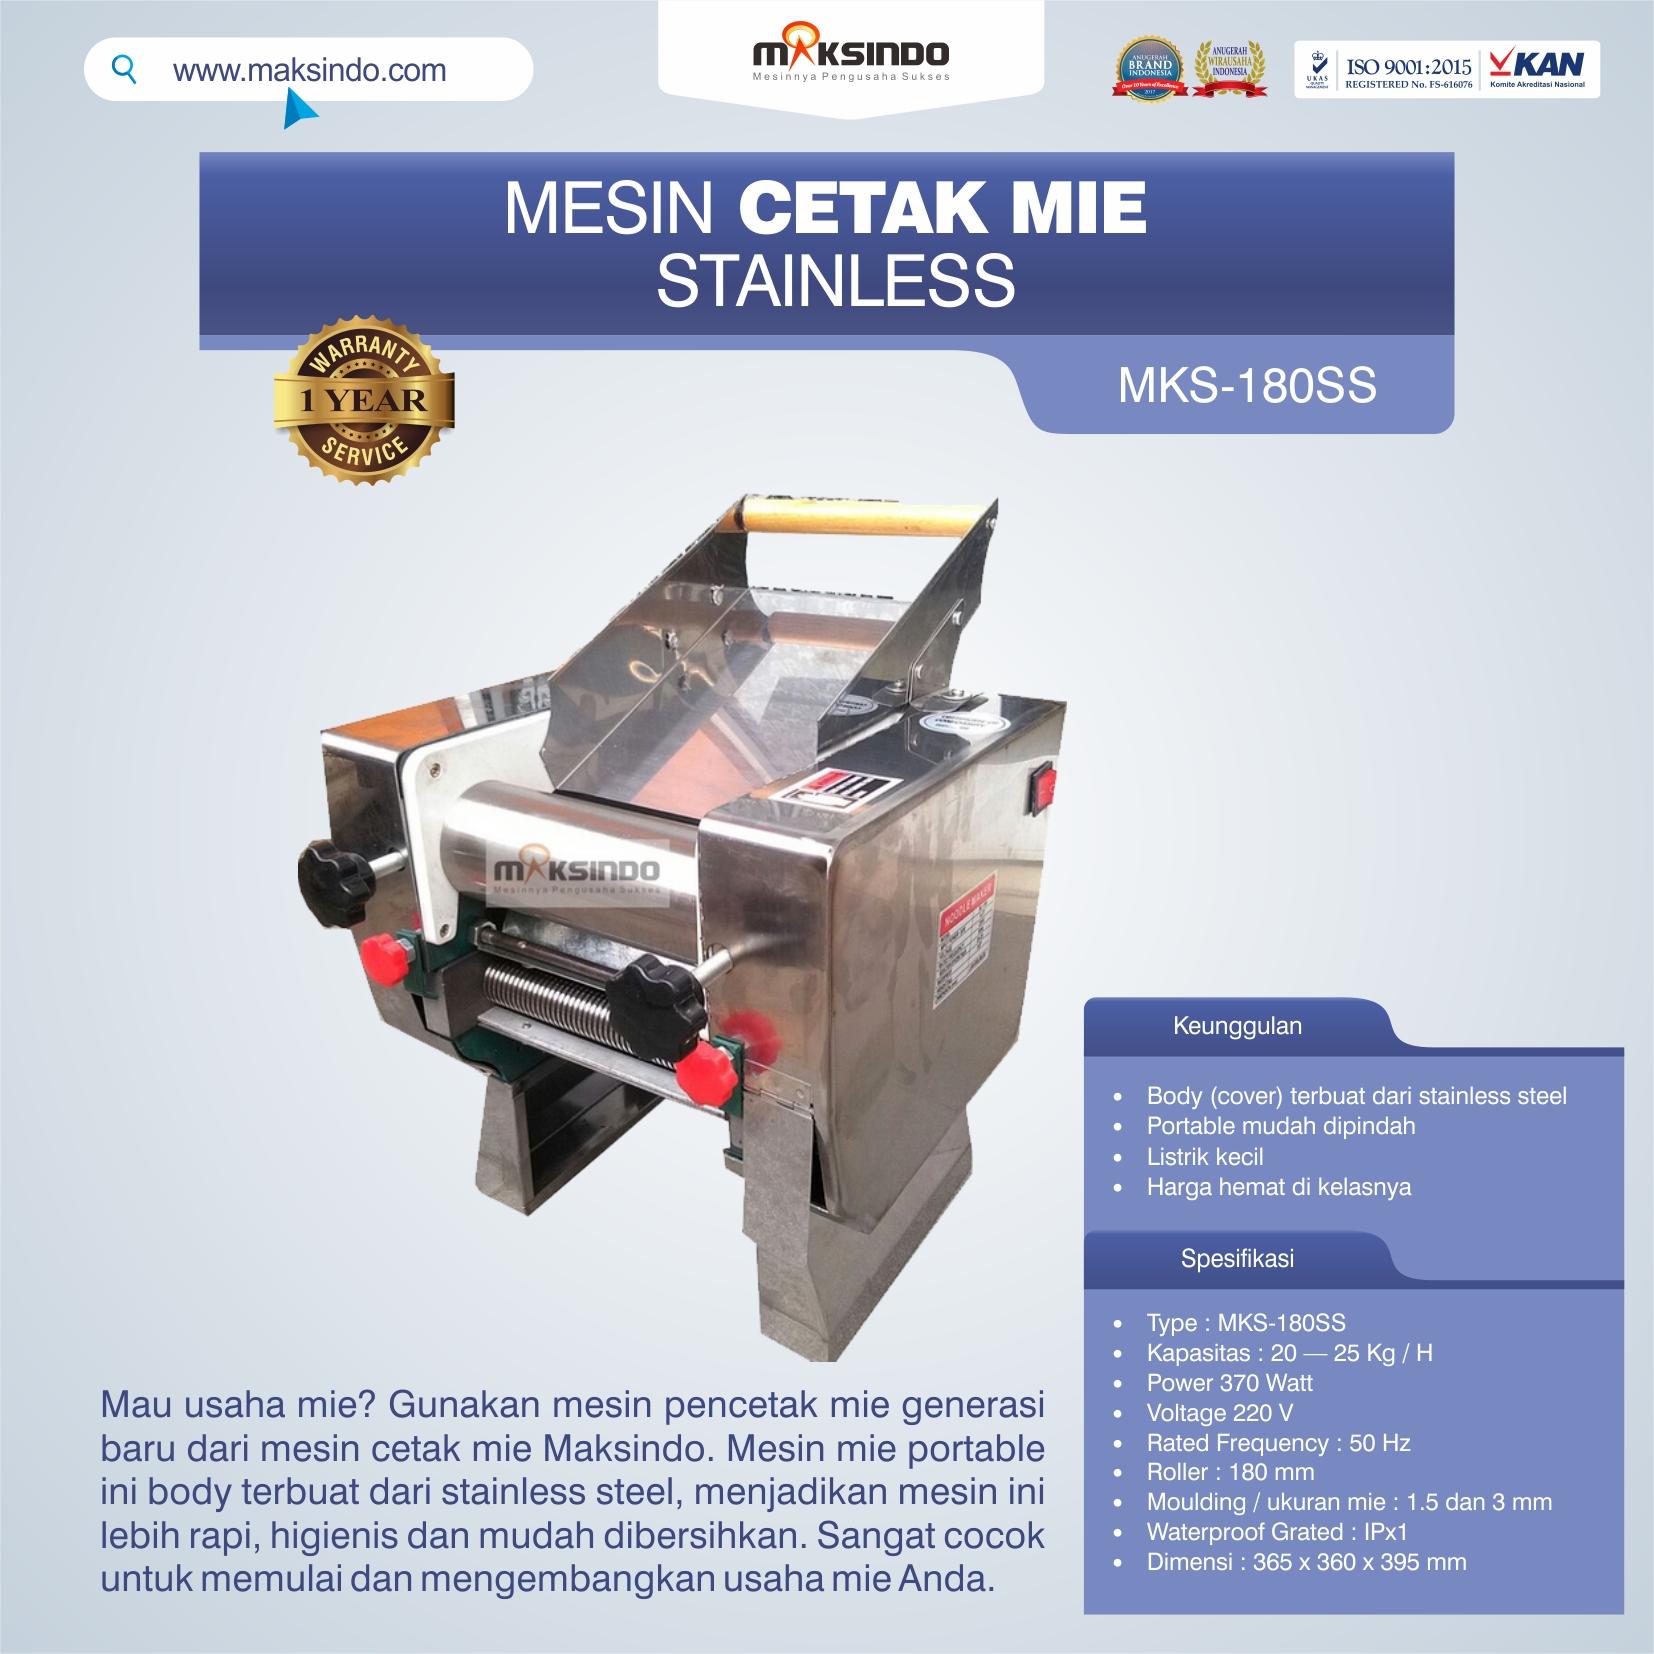 Jual Mesin Cetak Mie Stainless (MKS-180SS) di Mataram